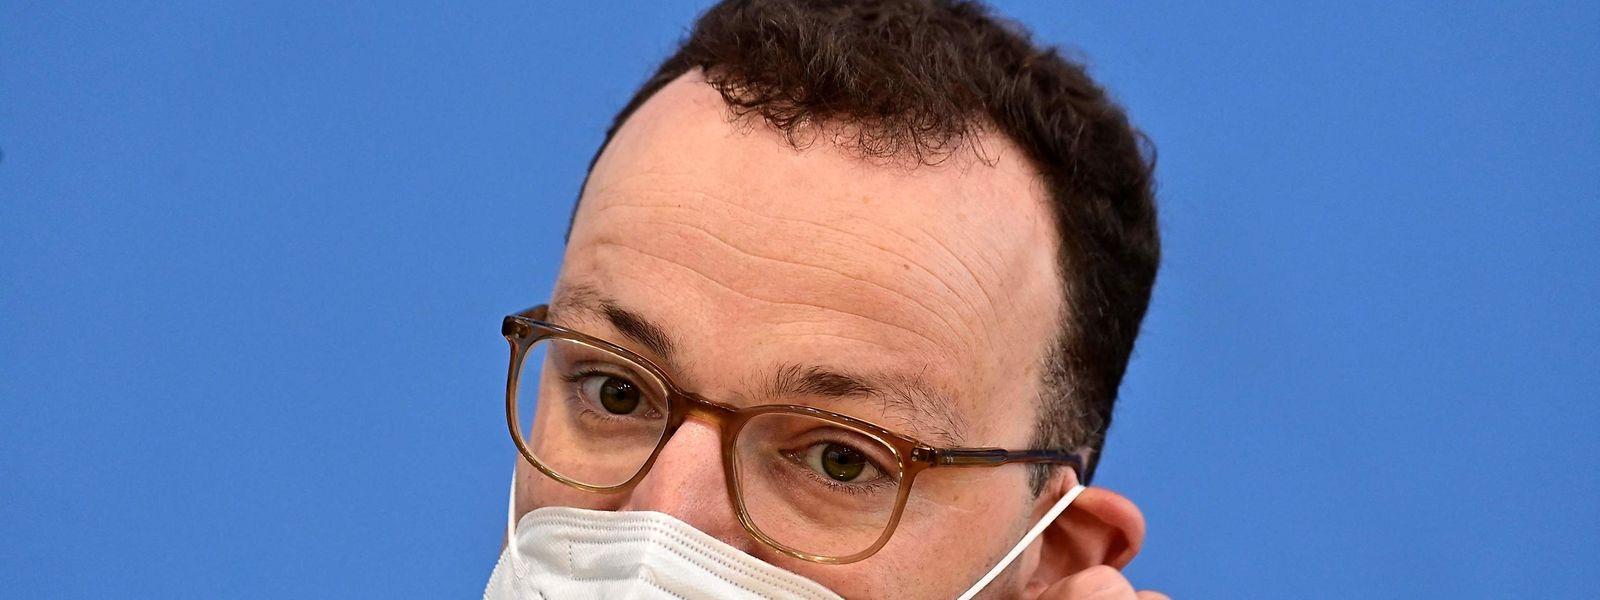 Minsitro da Saúde alemão, Jens Spahn.